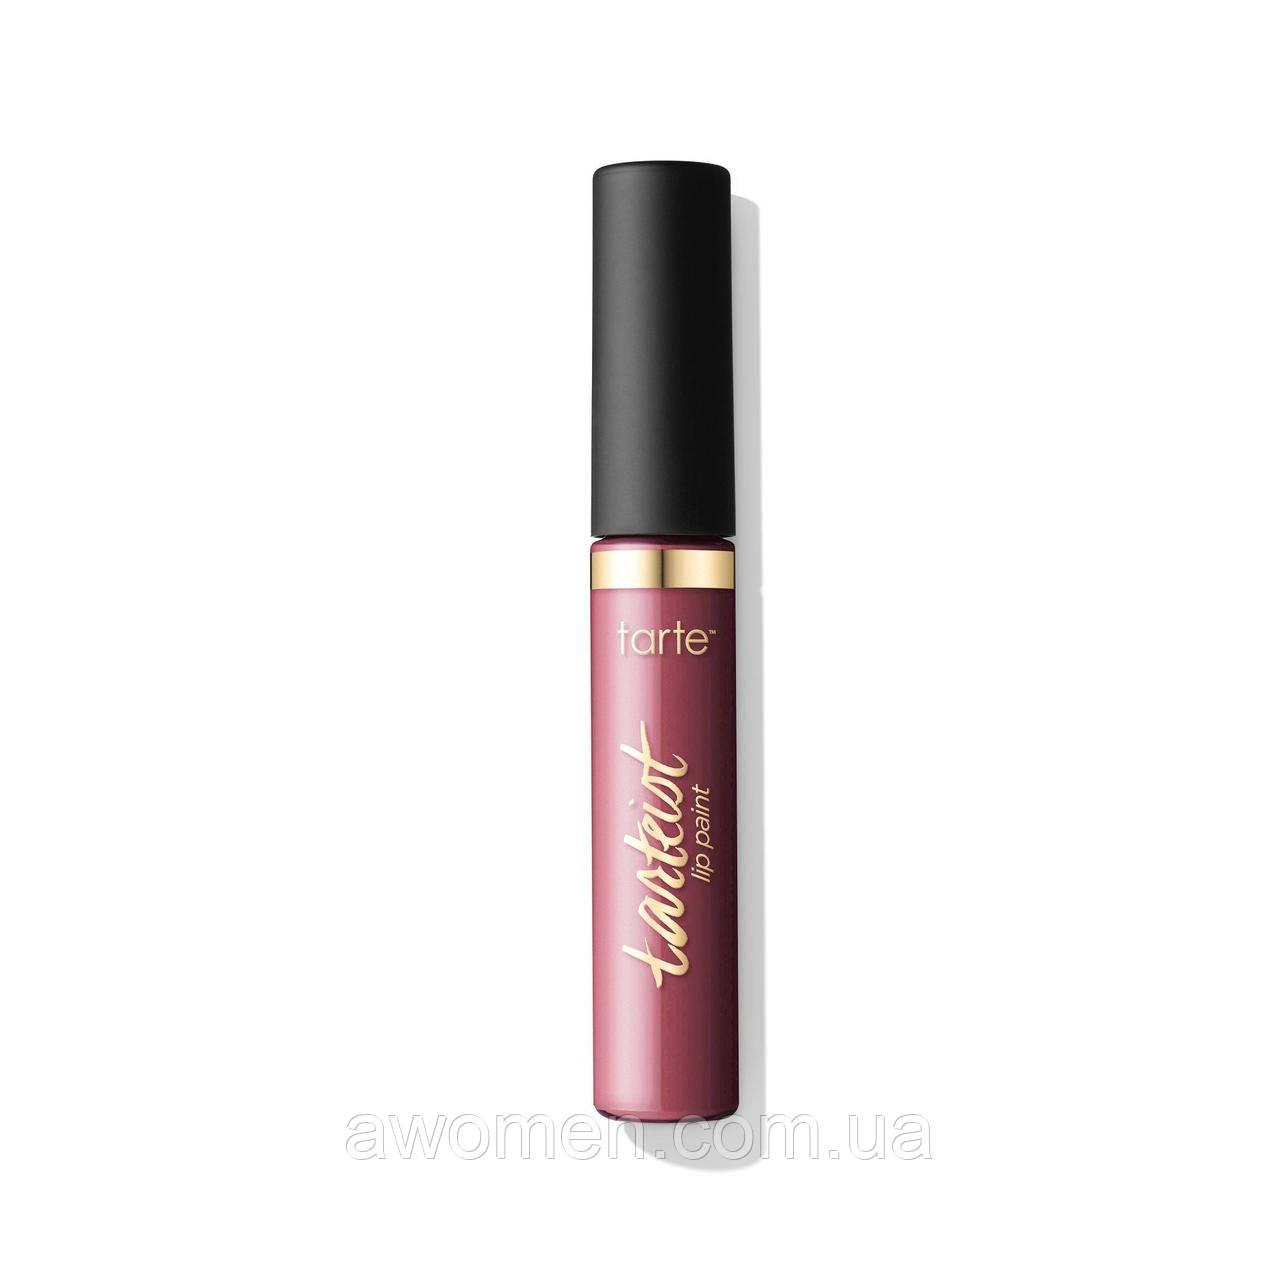 Помада матовая жидкая Tarte quick dry matte lip paint (obsessed)